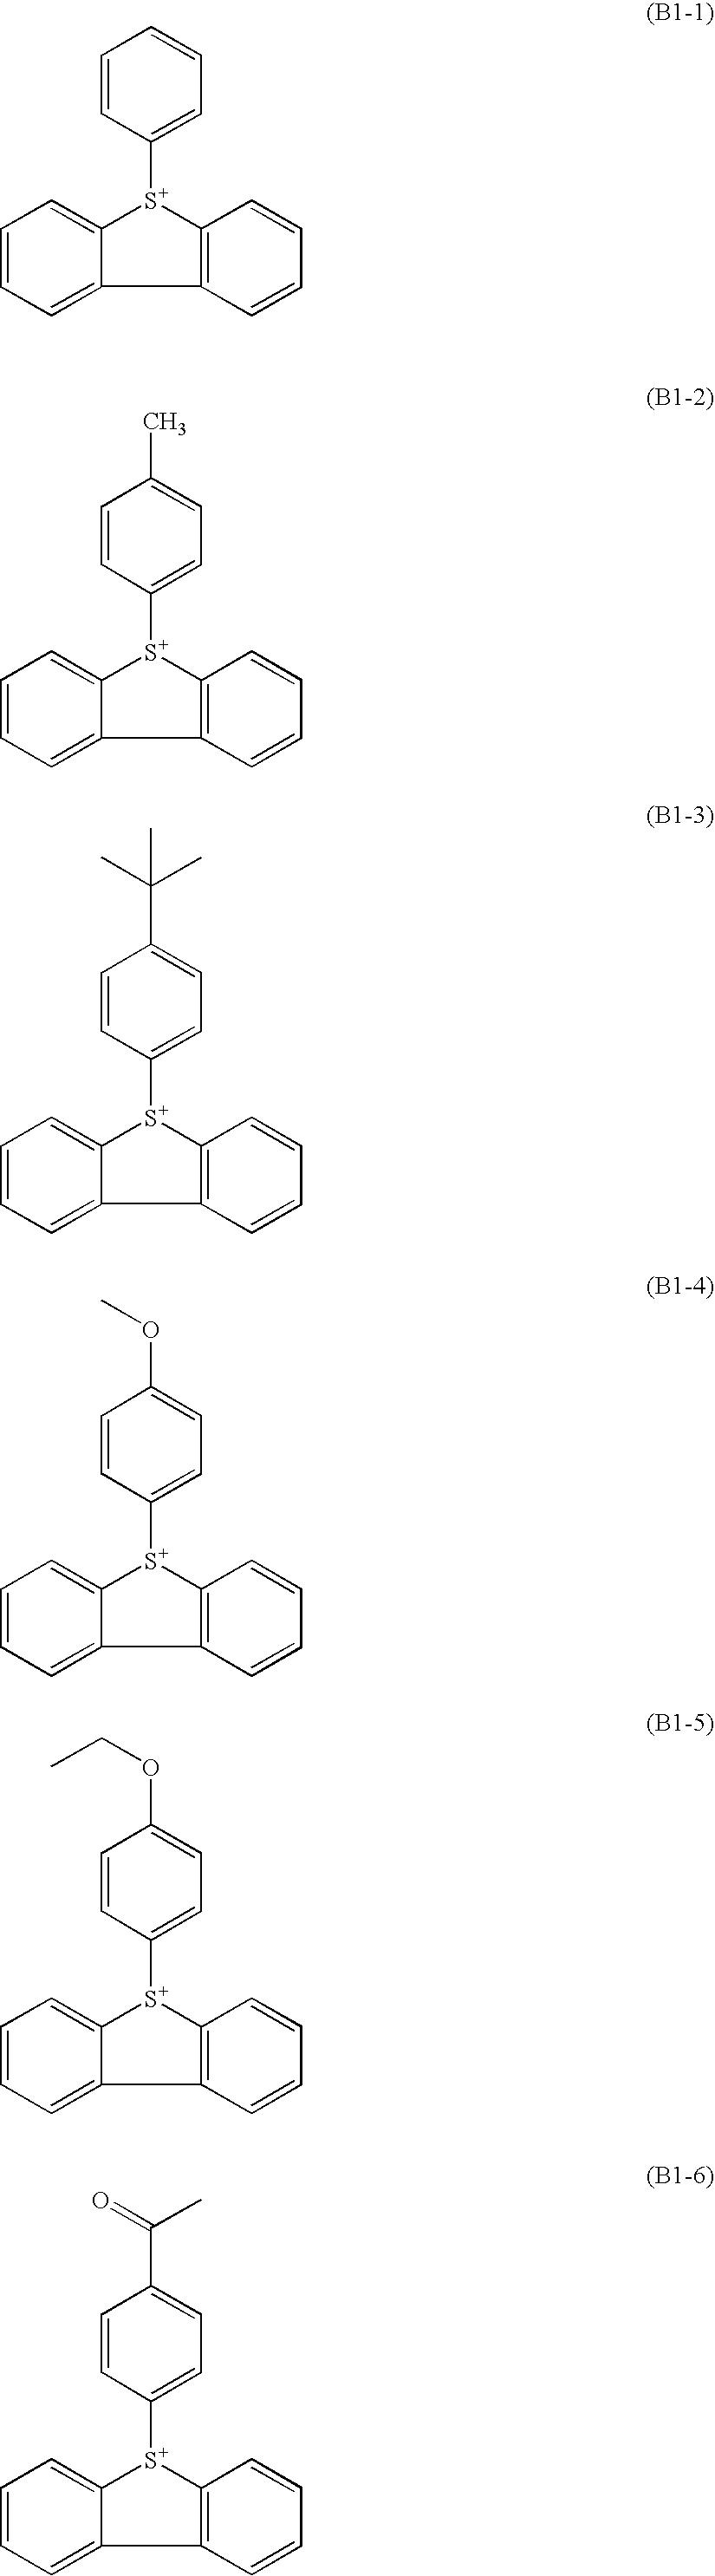 Figure US20100183975A1-20100722-C00010